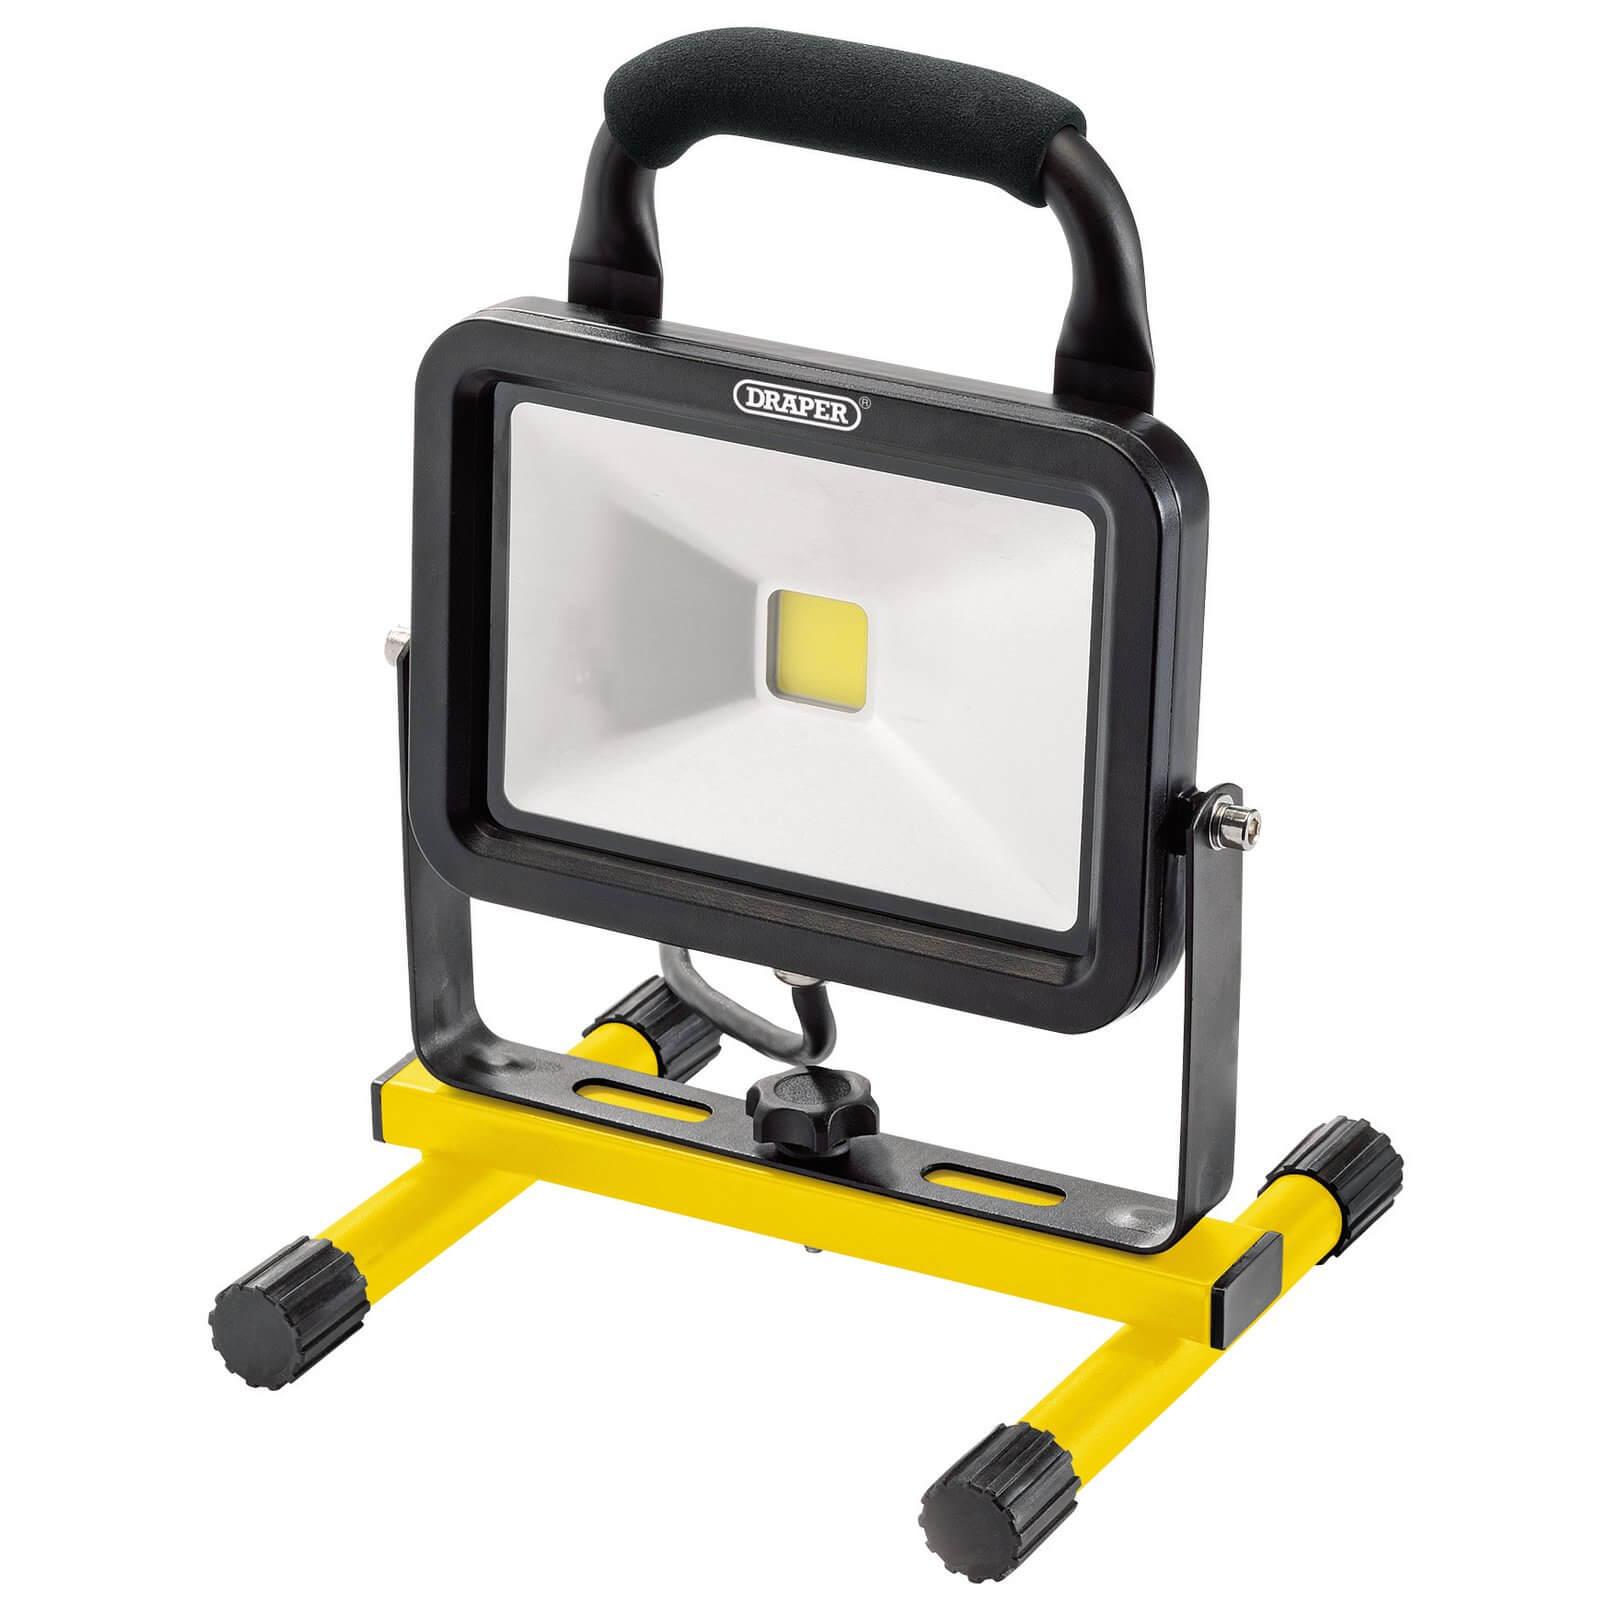 Image of Draper COB LED 20 Watt Work Light 240v